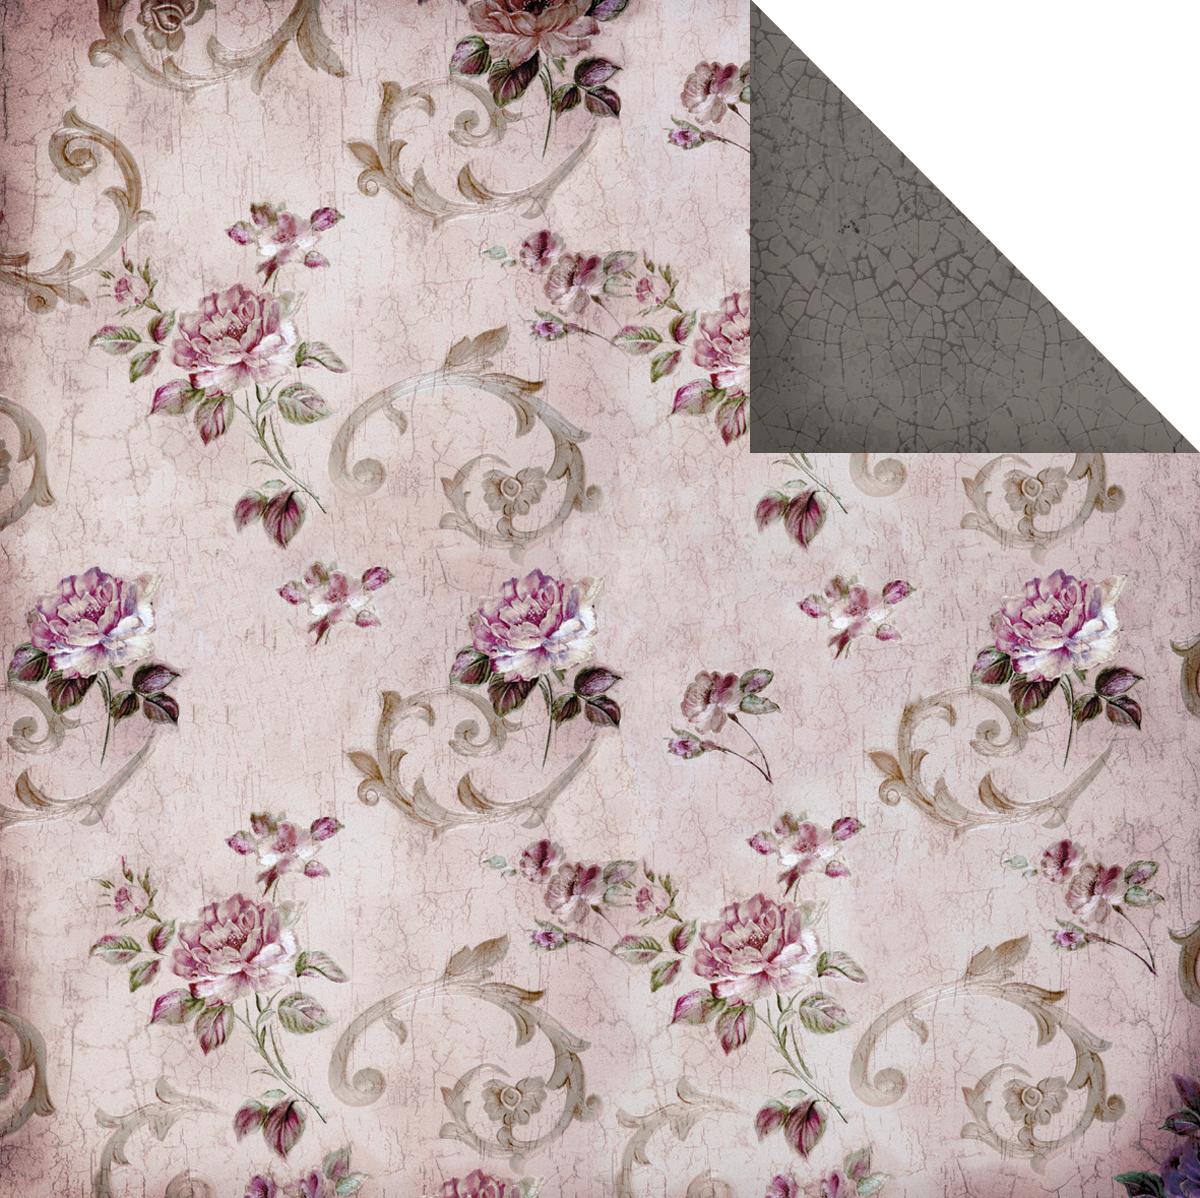 Двусторонняя скрапбумага Floral 30х30 от Fabscraps